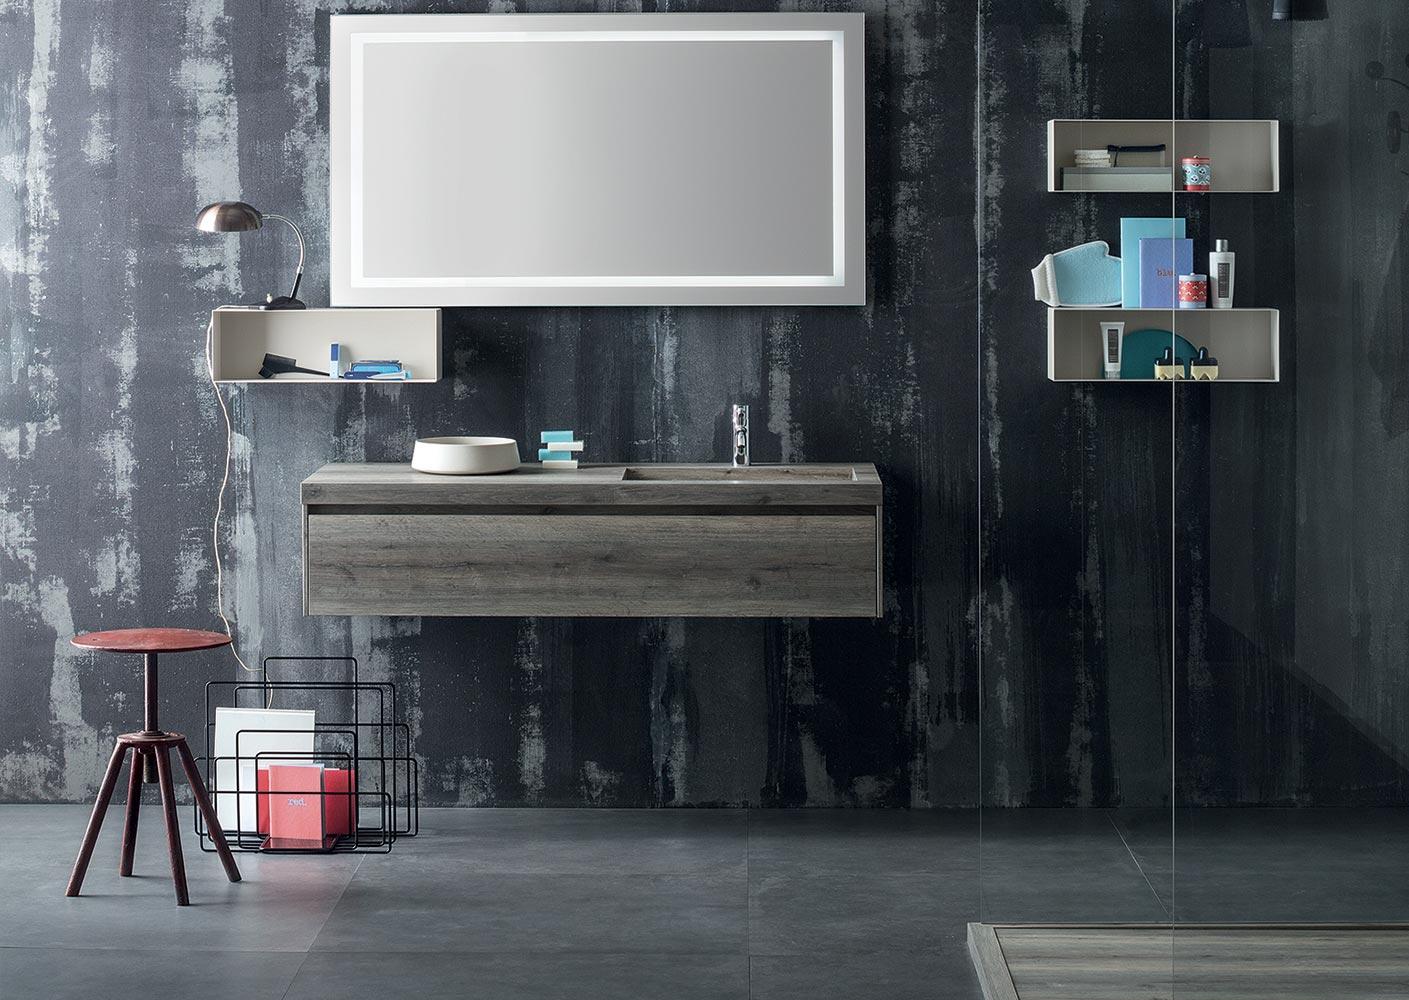 Mobiletto con specchio per bagno voffcacom terrazza - Mobiletto con specchio per bagno ...